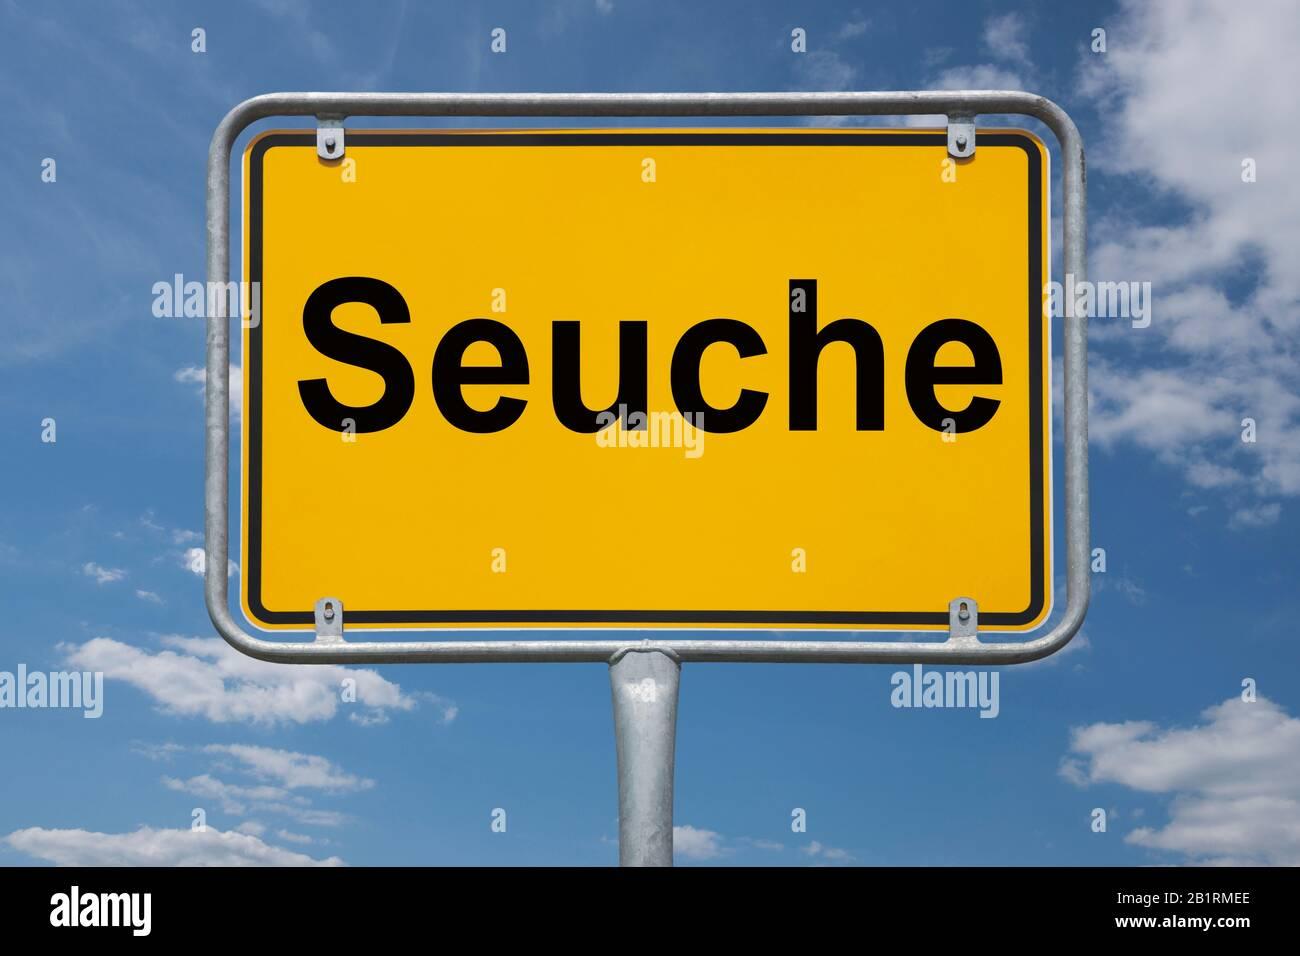 Inscripción Seuche (epidemic) en una señal de tráfico, lugar-nombre de la señal Alemania, el comienzo de la ciudad Foto de stock